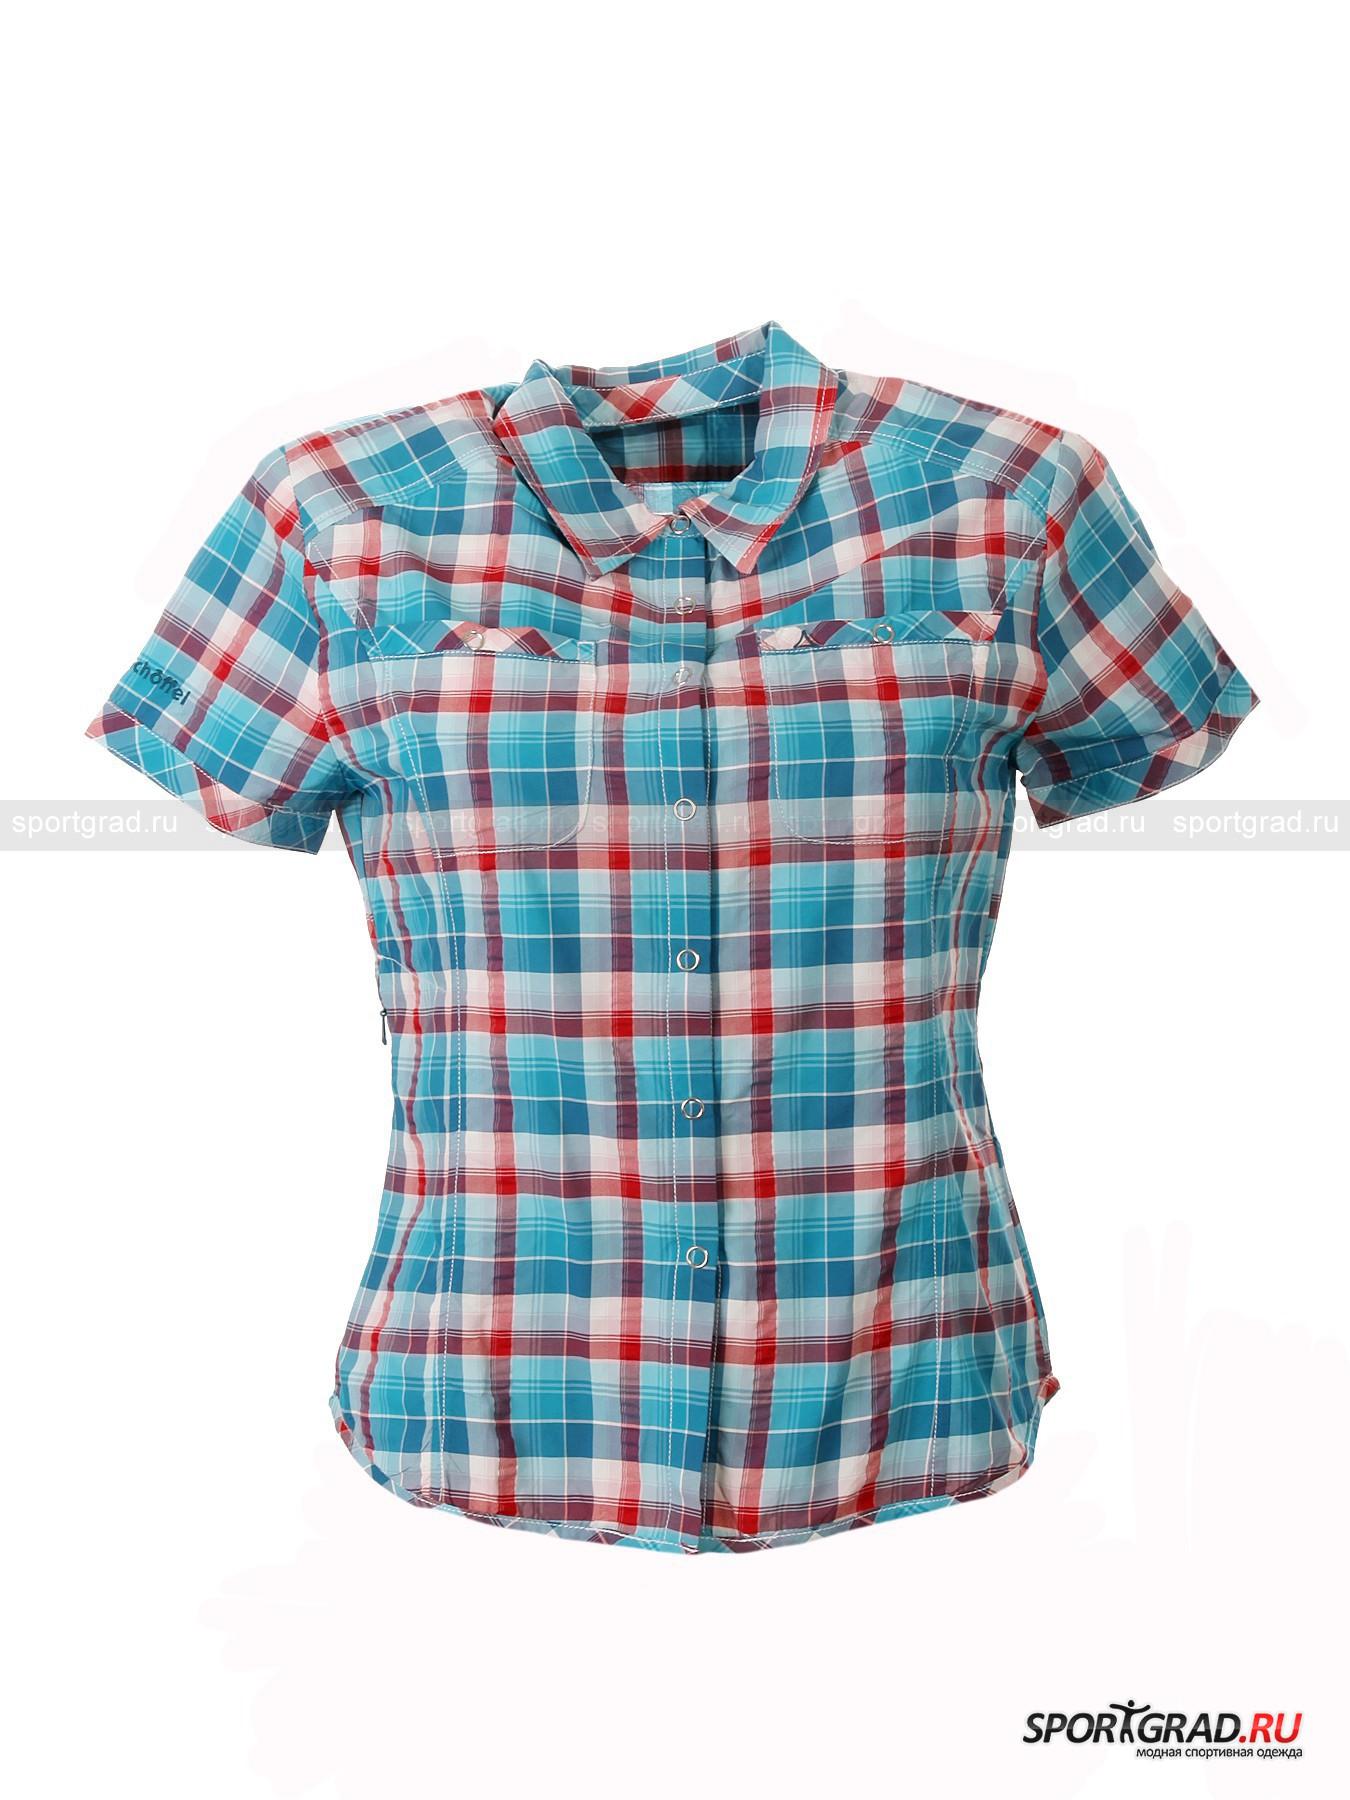 Рубашка женская для города и туризма Karen UV SCHOFFEL от Спортград